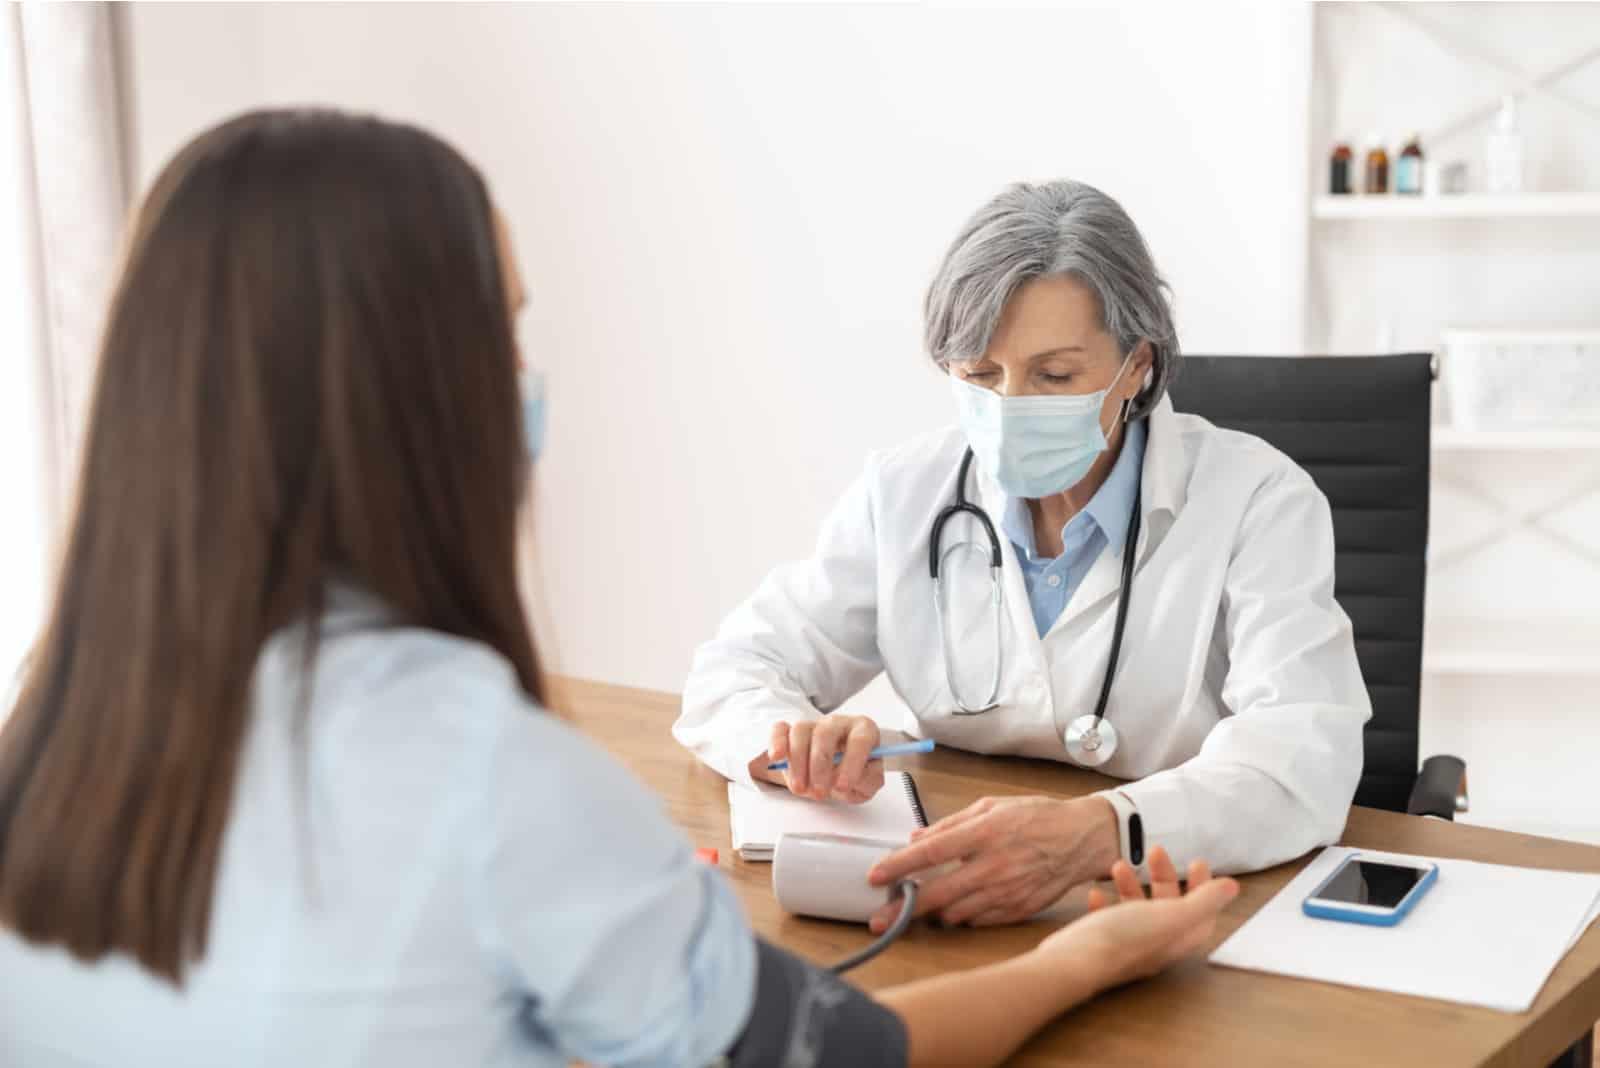 le médecin mesure la tension artérielle de la femme